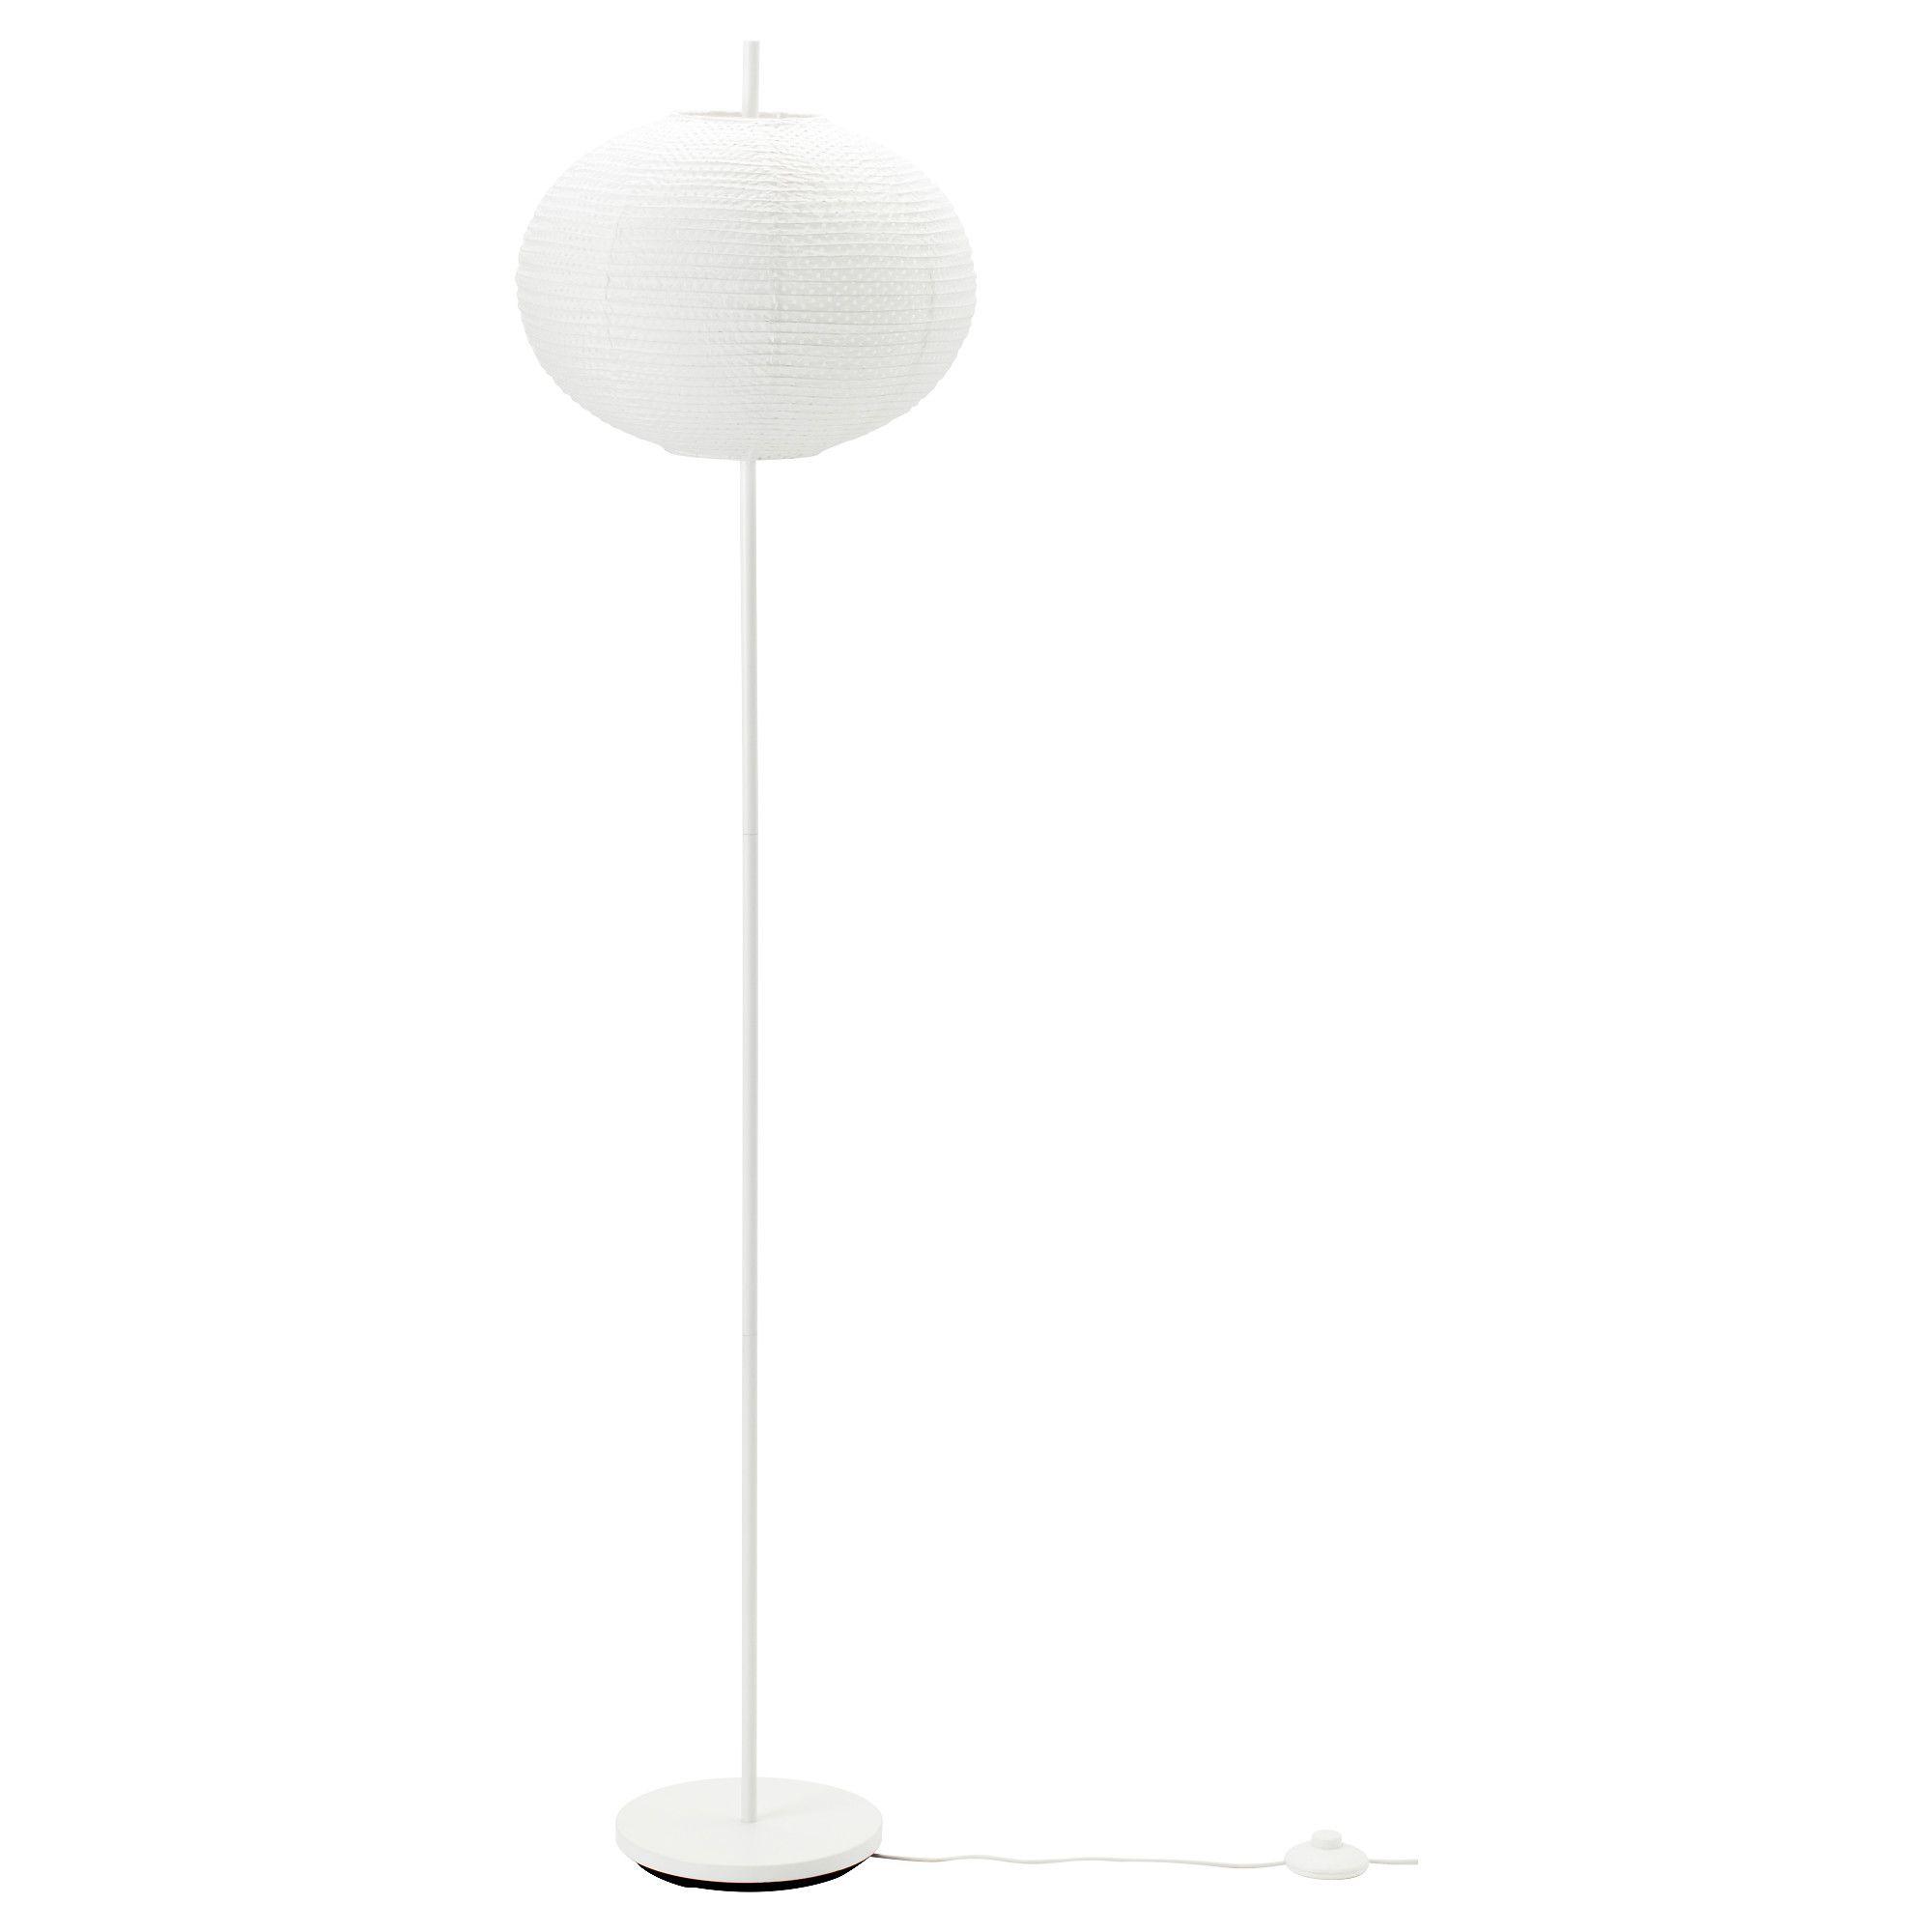 Nederland Bodenlampe Stehlampe Moderne Stehlampen